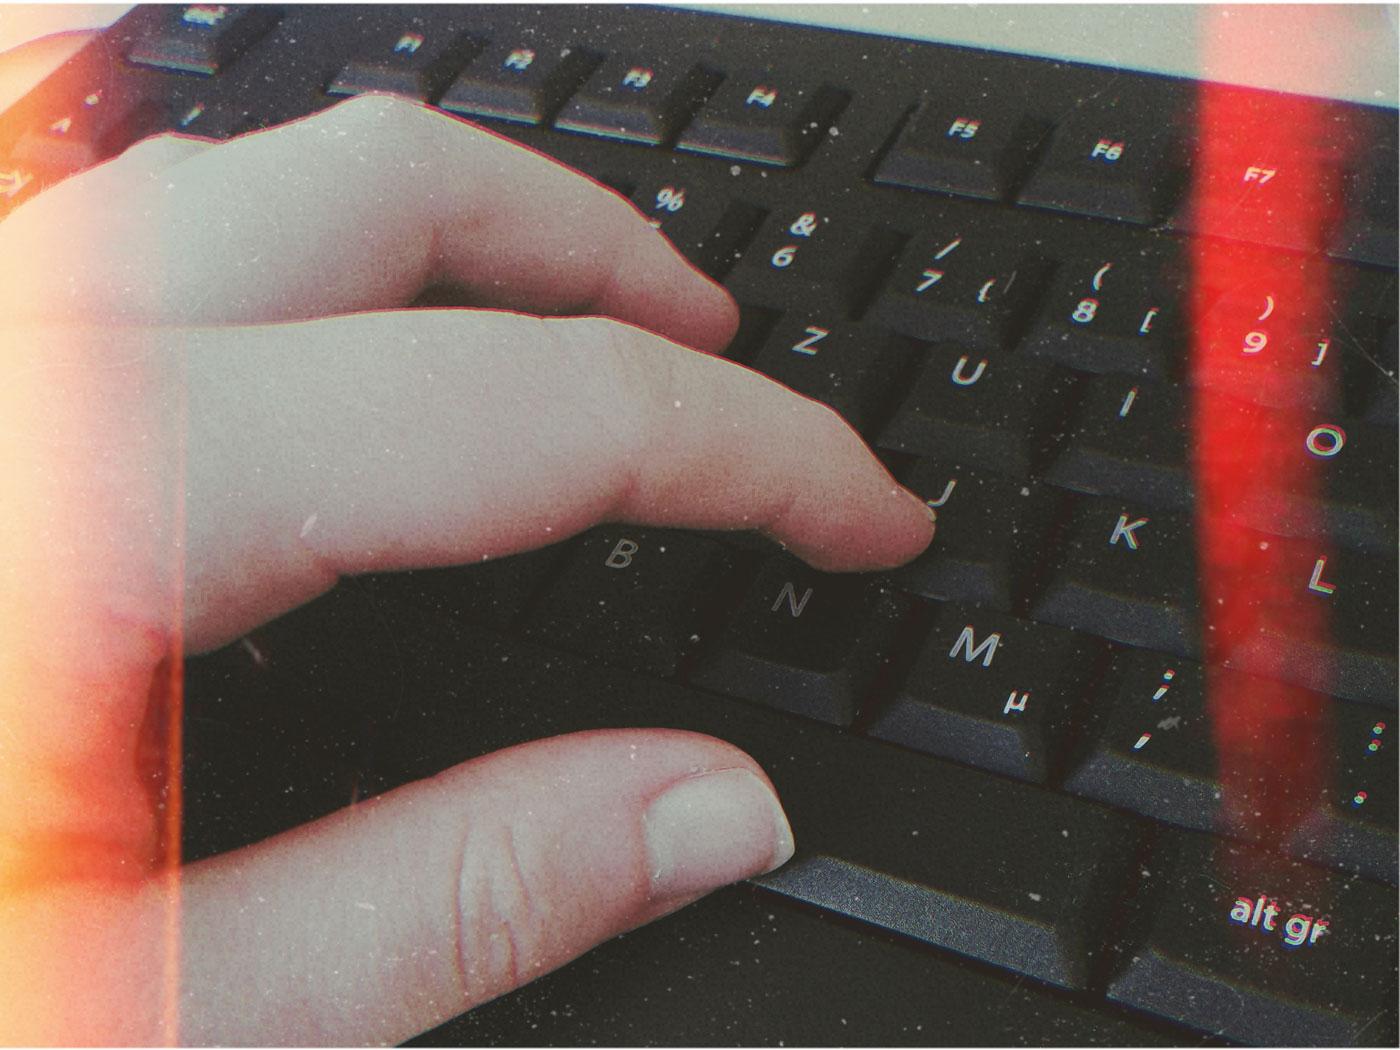 Finger auf einer schwarzen Tastatur